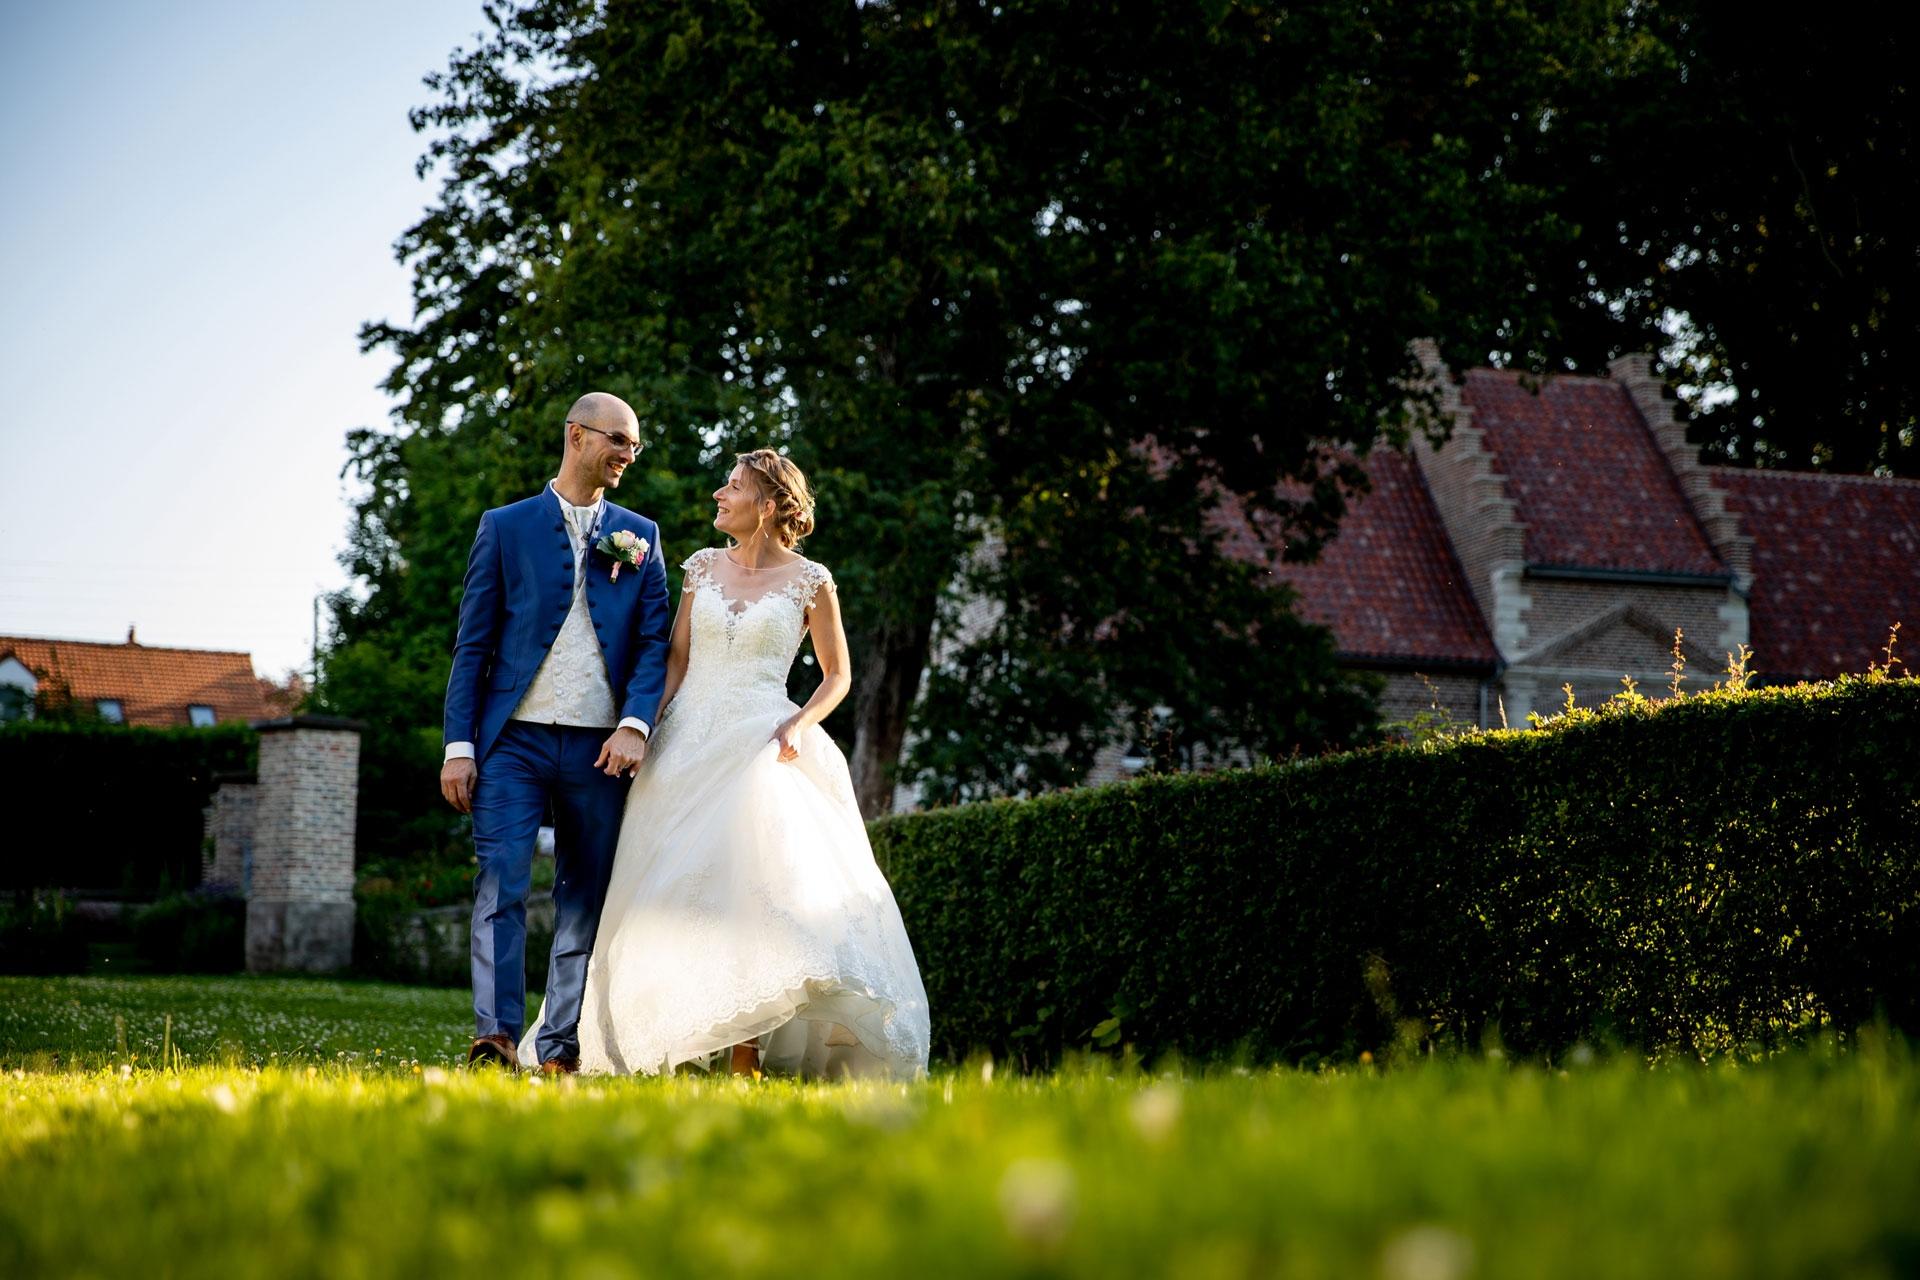 20200711-mariage-stephanie-emmanuel-109